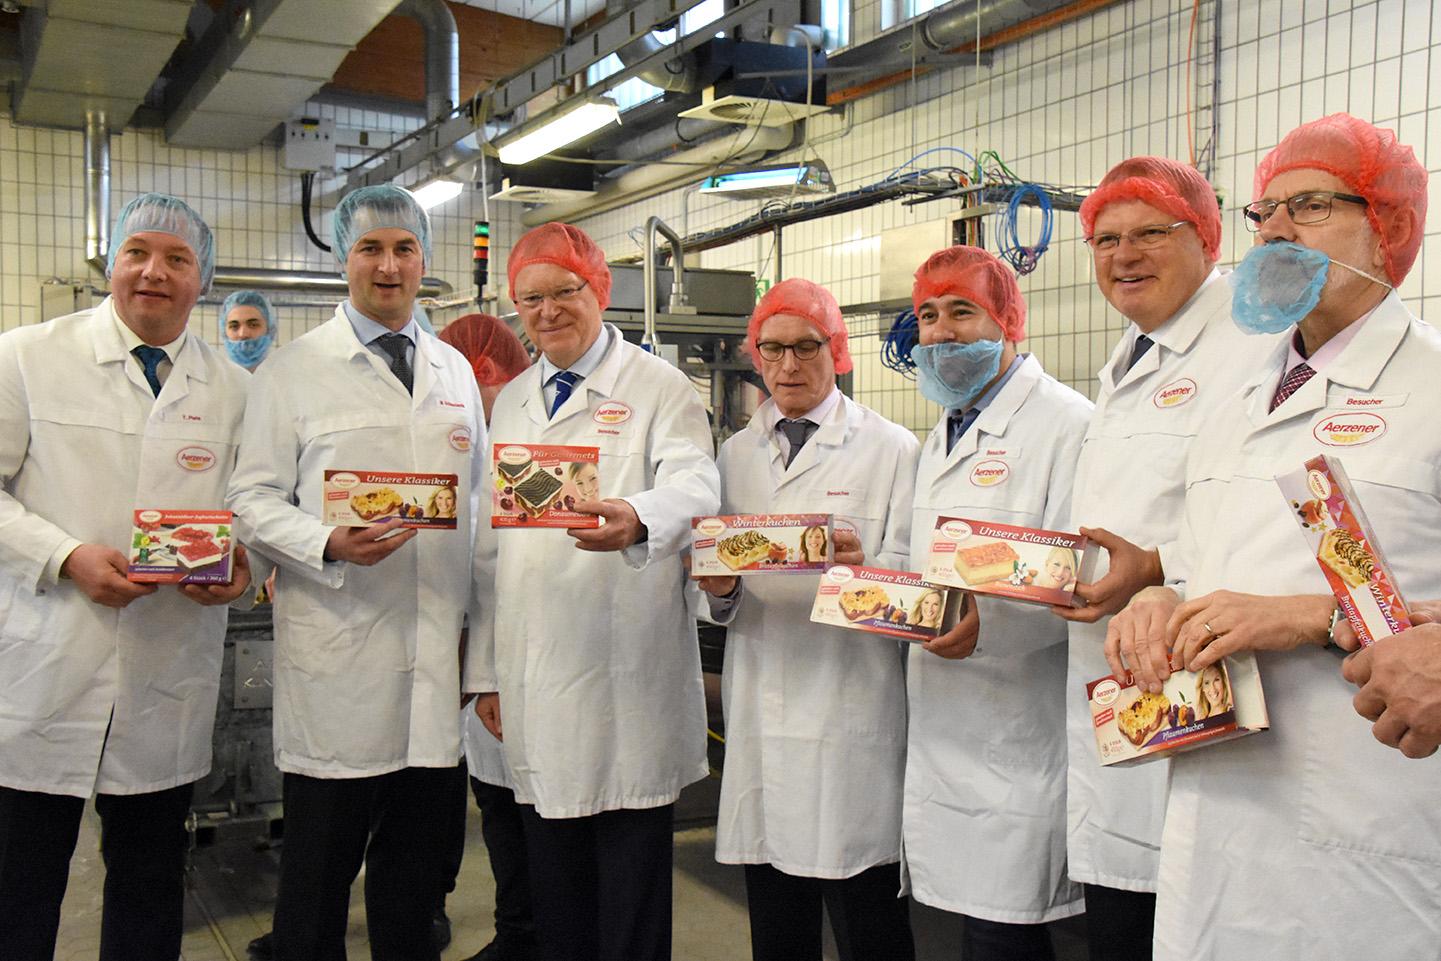 Auf dem Gruppenfoto ist Ministerpräsident Weil (3. von links) zu sehen mit den Geschäftsführern Thorsten Plate (1. von links) und Marc Schweckendiek (2. von links)